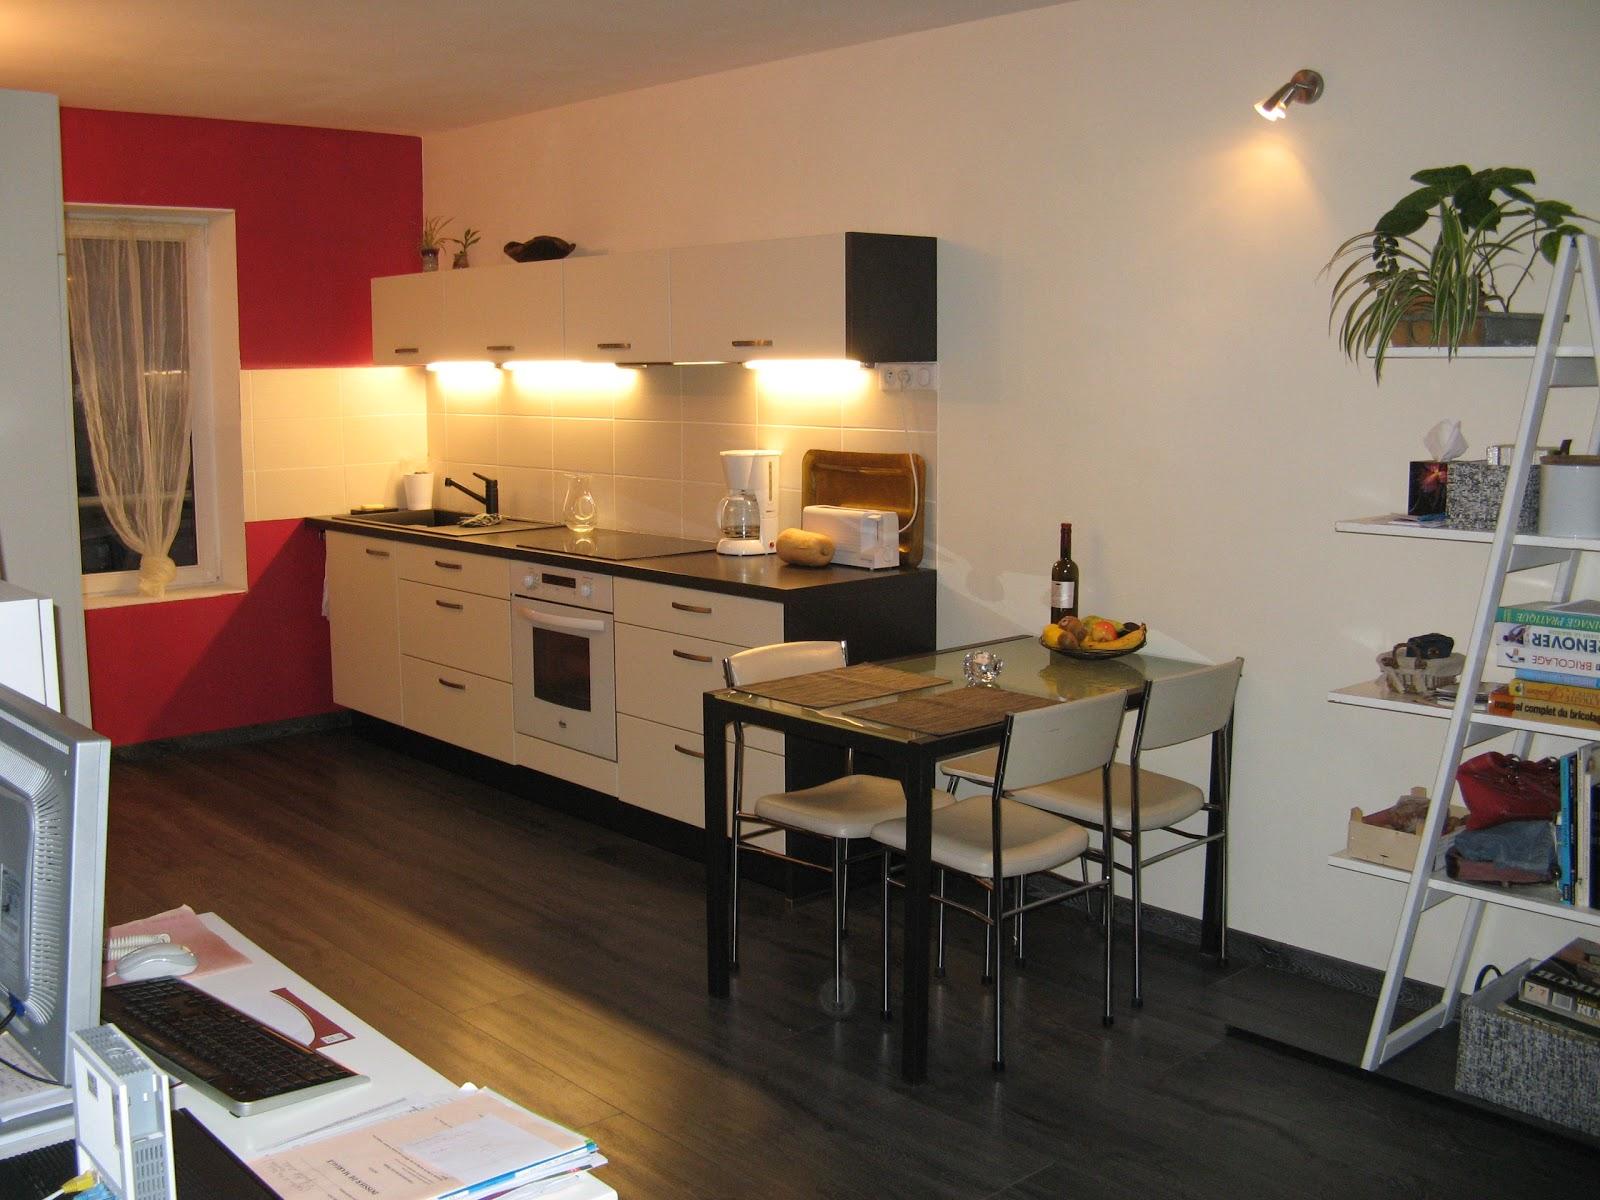 simulateur de peinture dans cuisine. Black Bedroom Furniture Sets. Home Design Ideas